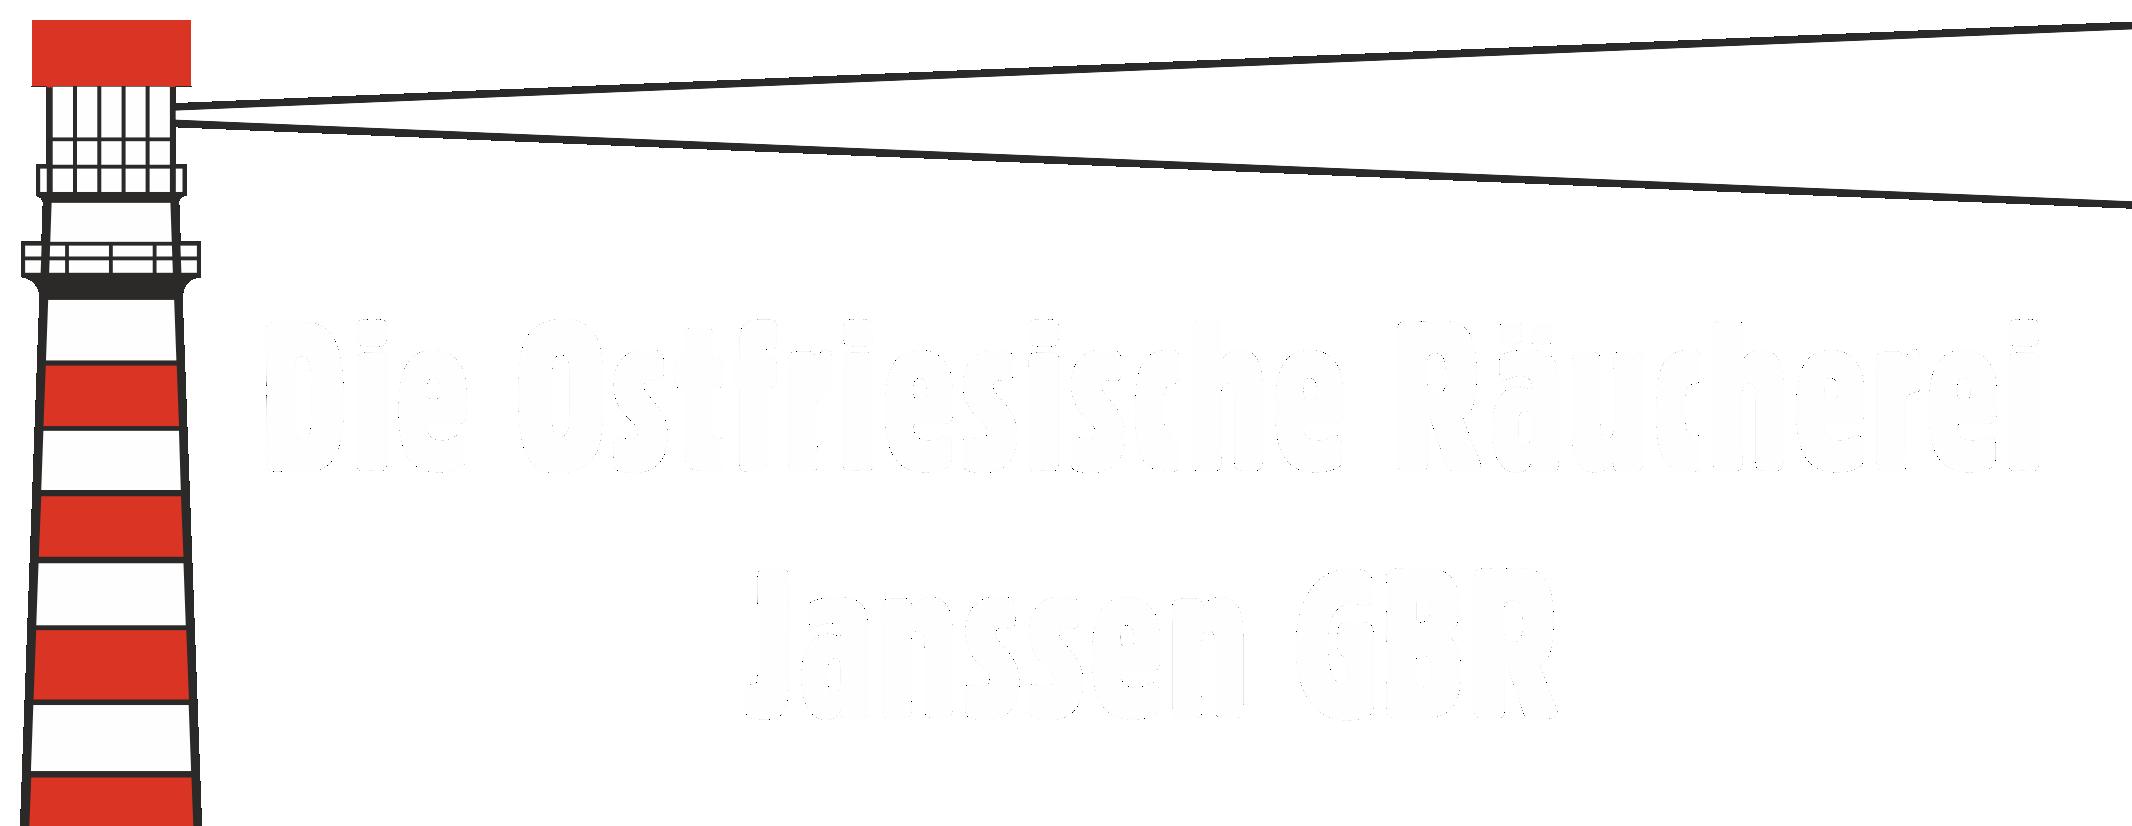 aalraeucherei-janssen.de - Just another WordPress site